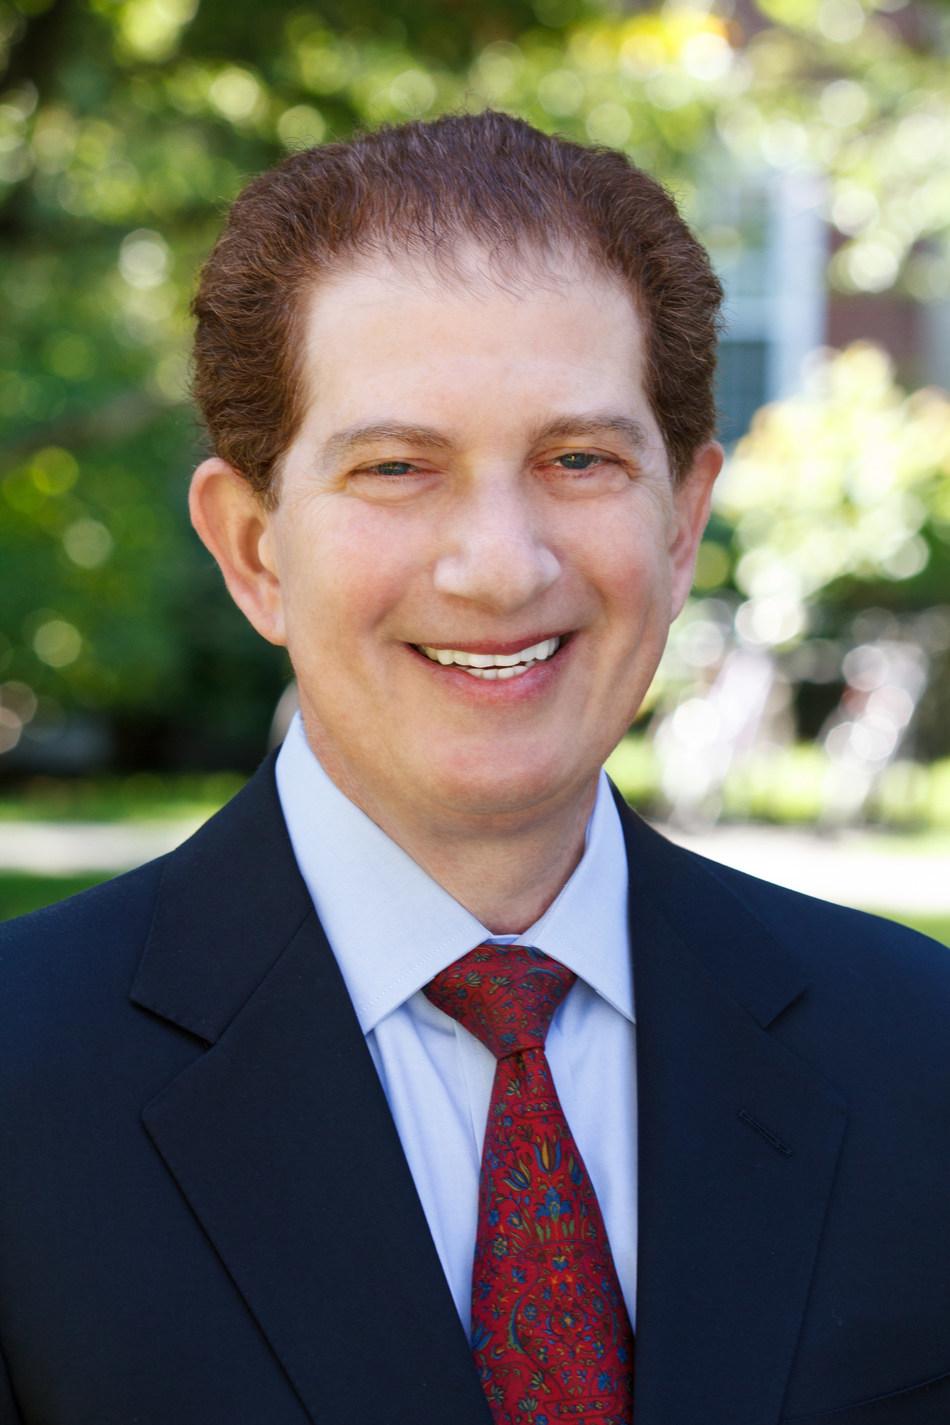 Harvard Business School's David Garvin